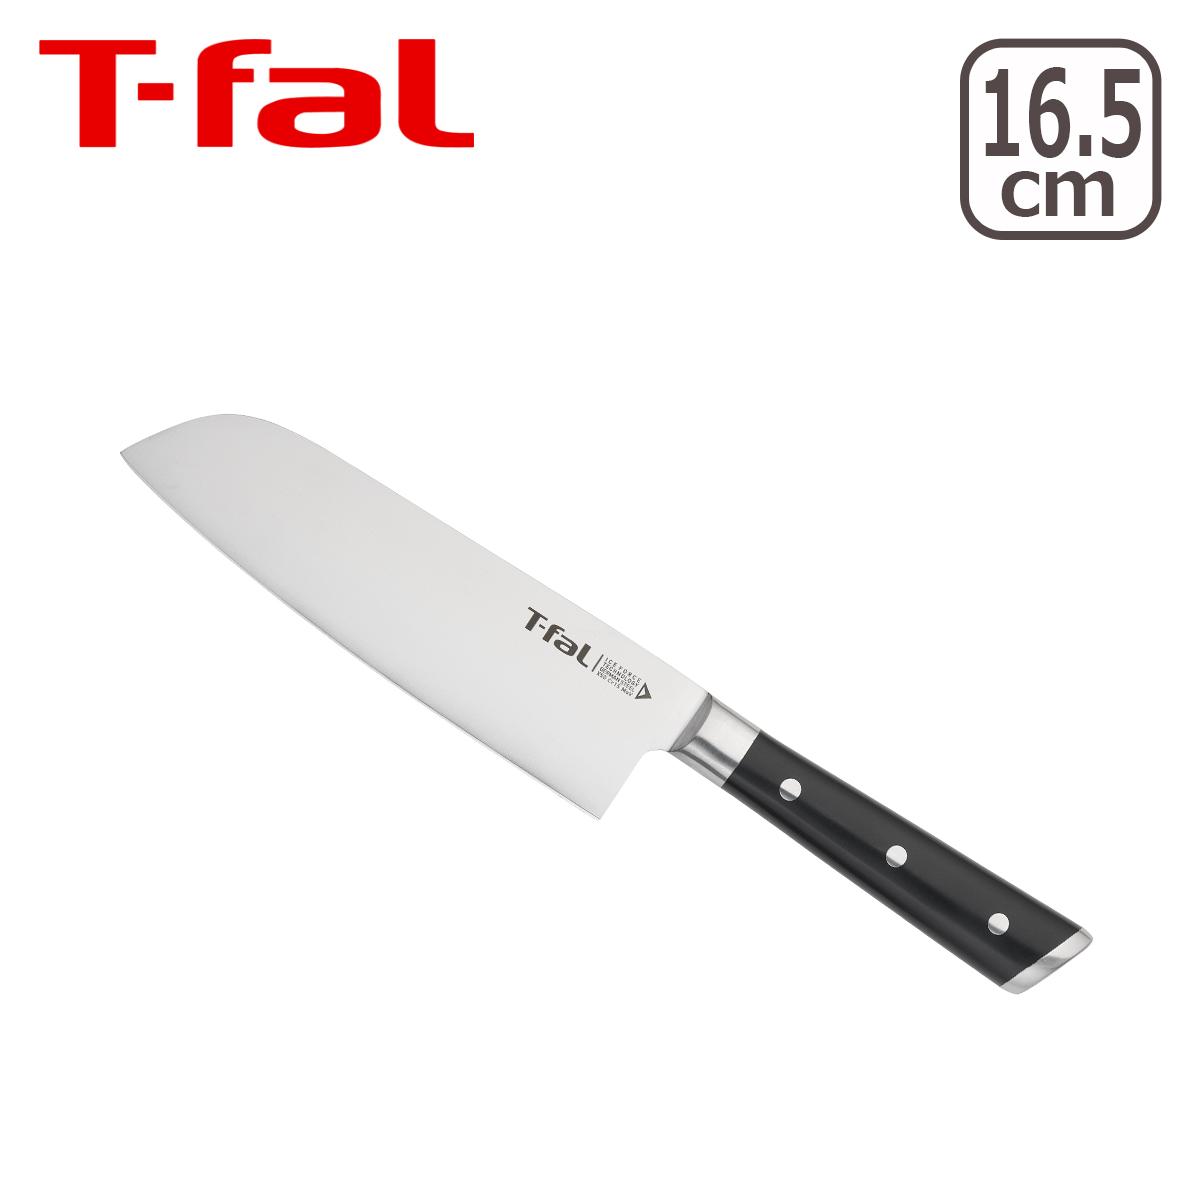 ティファール 無料 鋭い切れ味 長続き 2020 T-fal アイスフォース 16.5cm 包丁 三徳ナイフ K24211